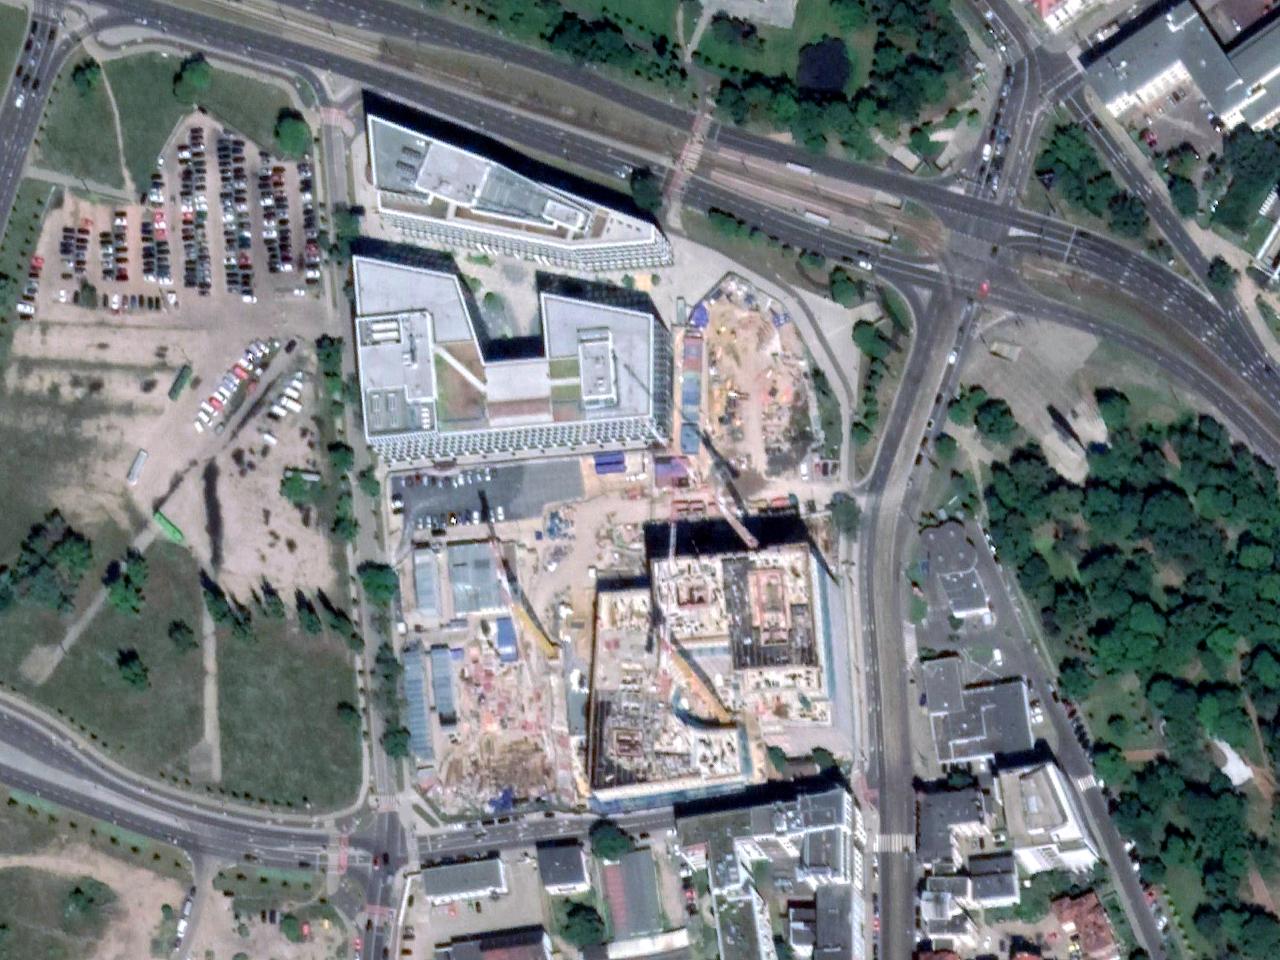 """Kolejny etap budowy """"Nowego Rynku"""" w rejonie ulicy Wierzbięcice. Skanska, Wilda"""